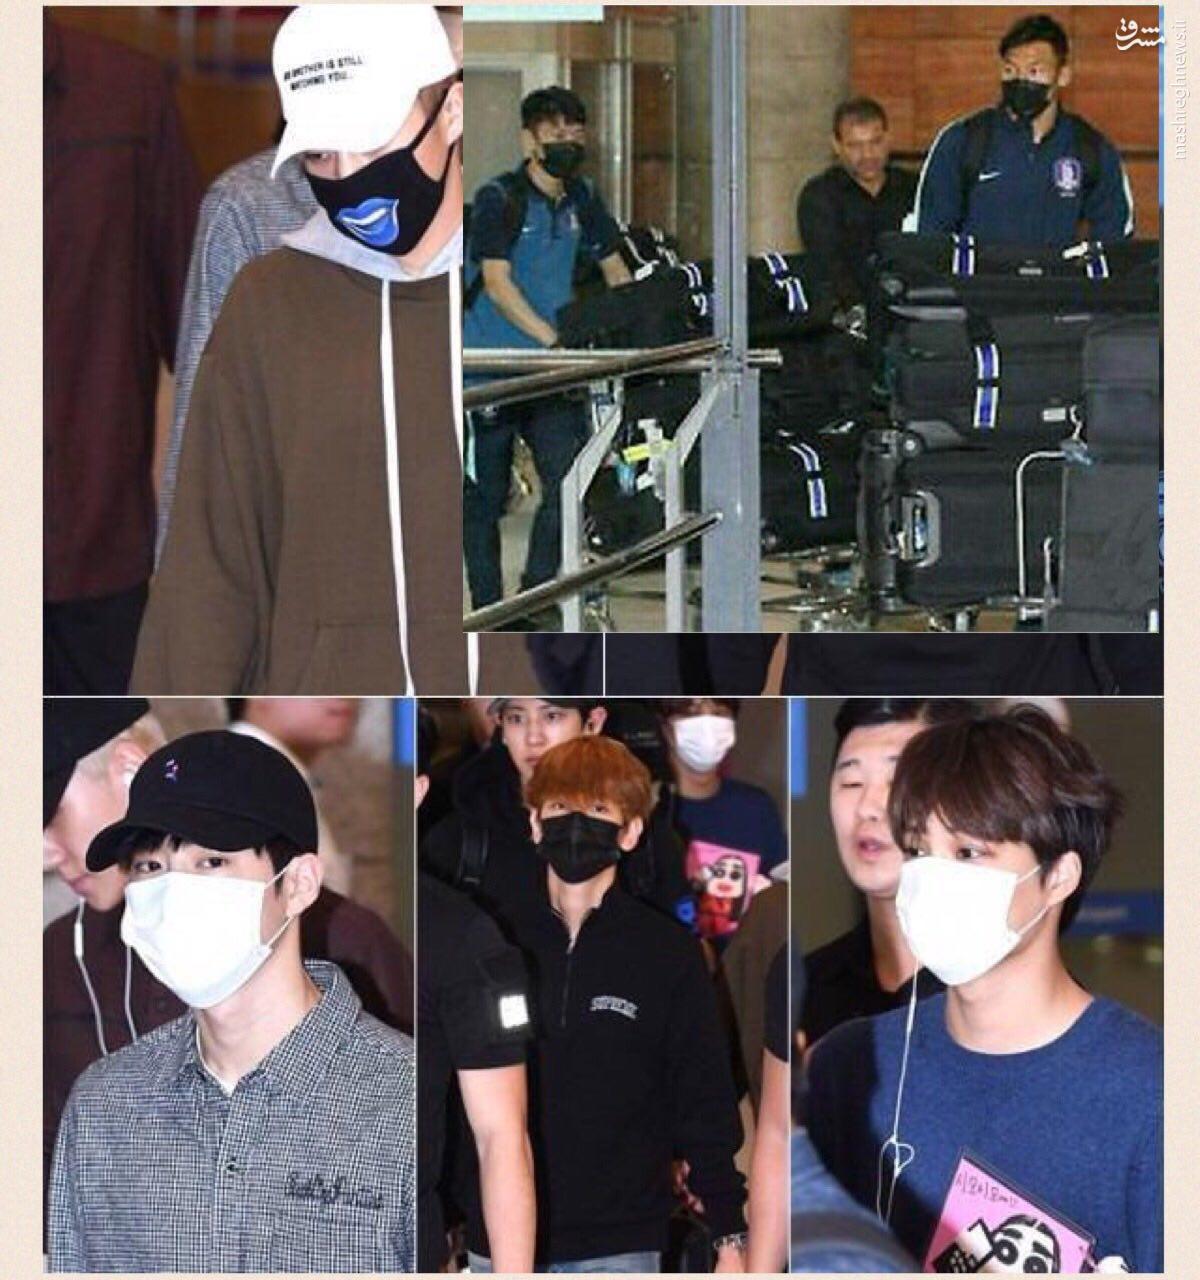 دلیل استفاده بازیکنان کره از ماسک مشکی+عکس